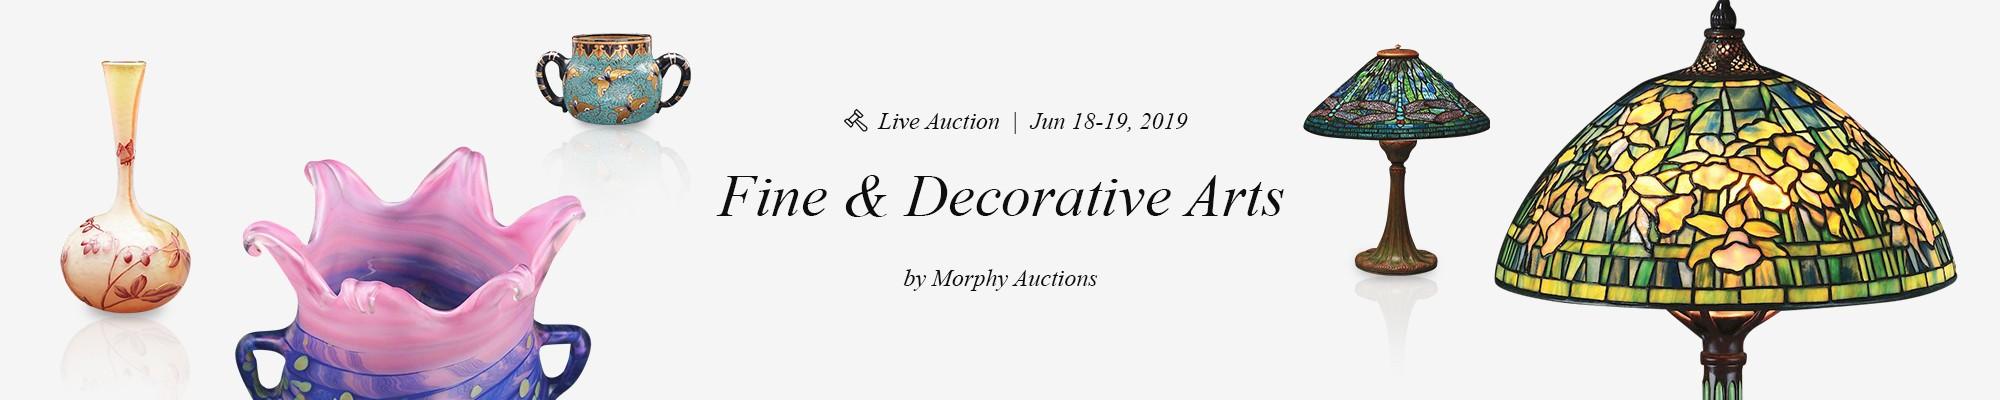 fine-decorative-arts-morphy-auctions